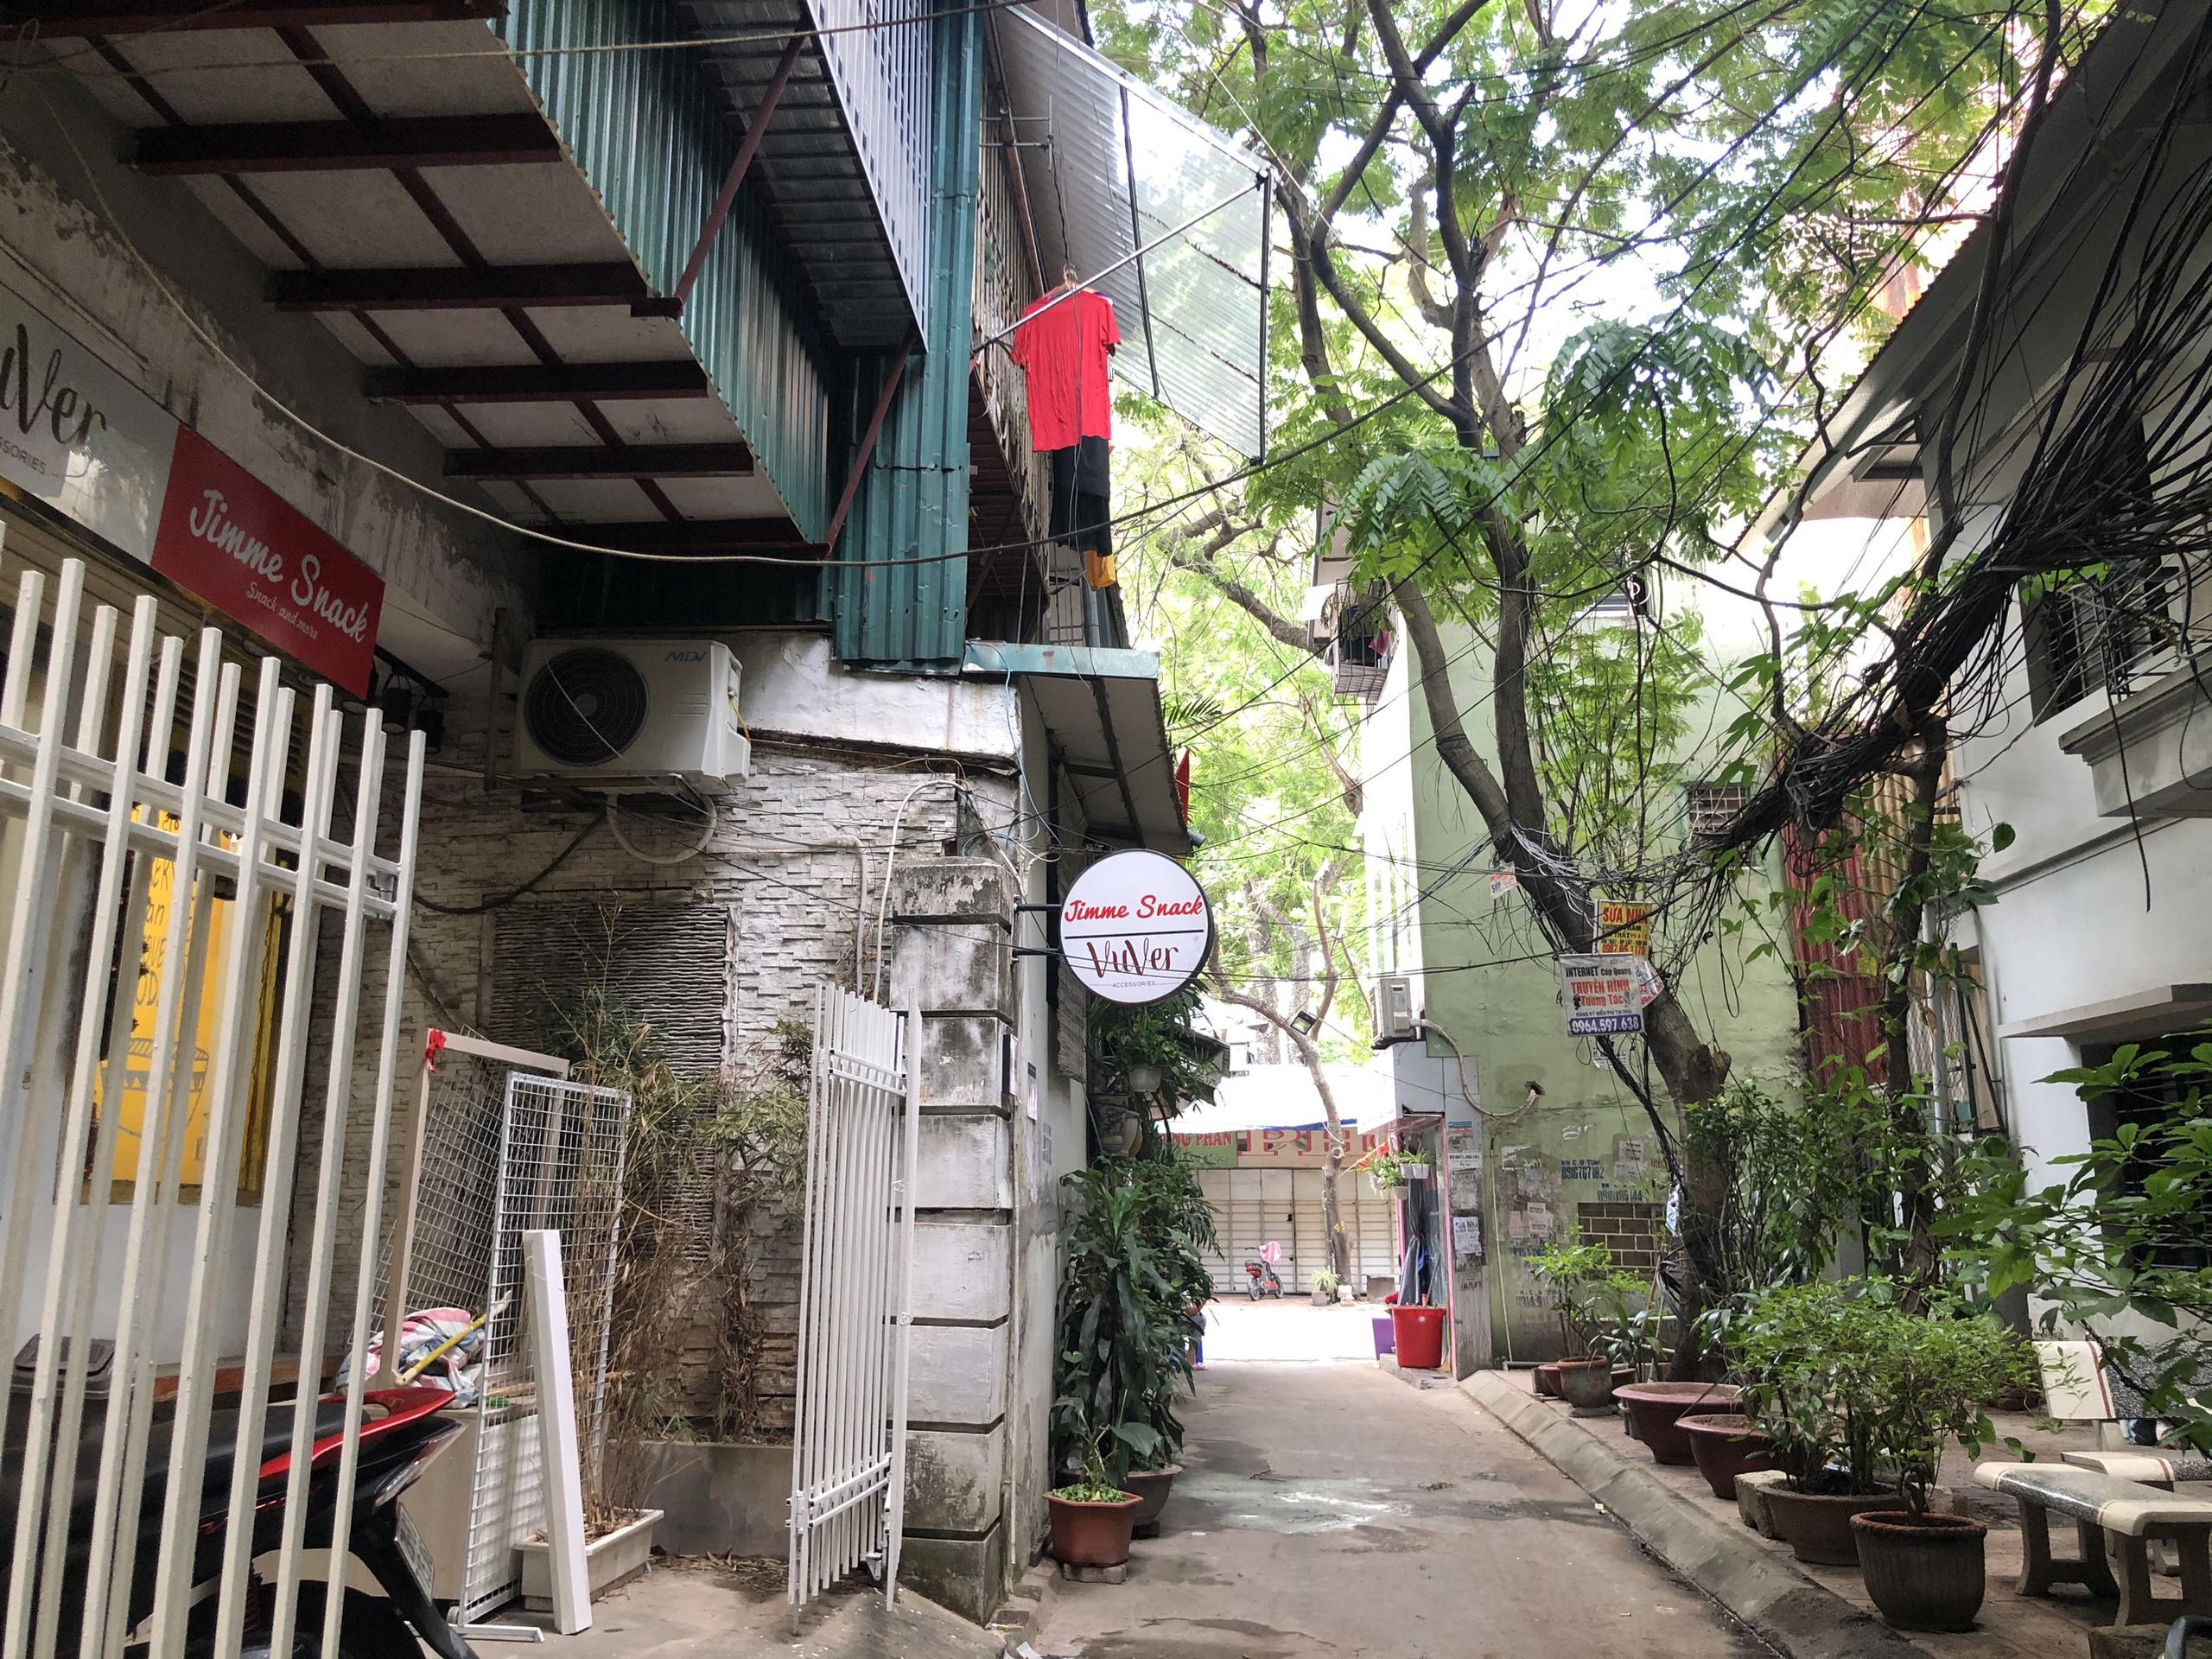 Đường sắp mở theo quy hoạch ở phường Kim Mã, Ba Đình, Hà Nội (phần 2): Mở rộng phố Núi Trúc  - Ảnh 10.